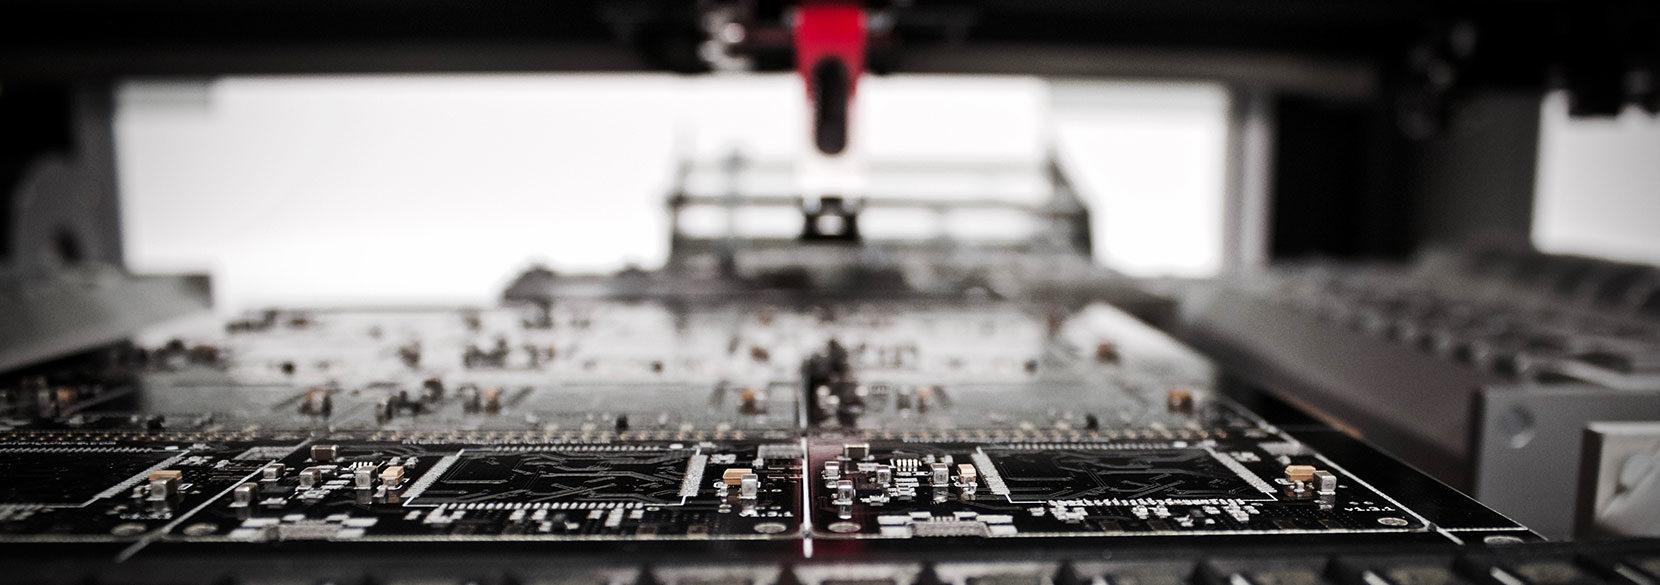 Tecnologia dell'informazione – Electrosuisse